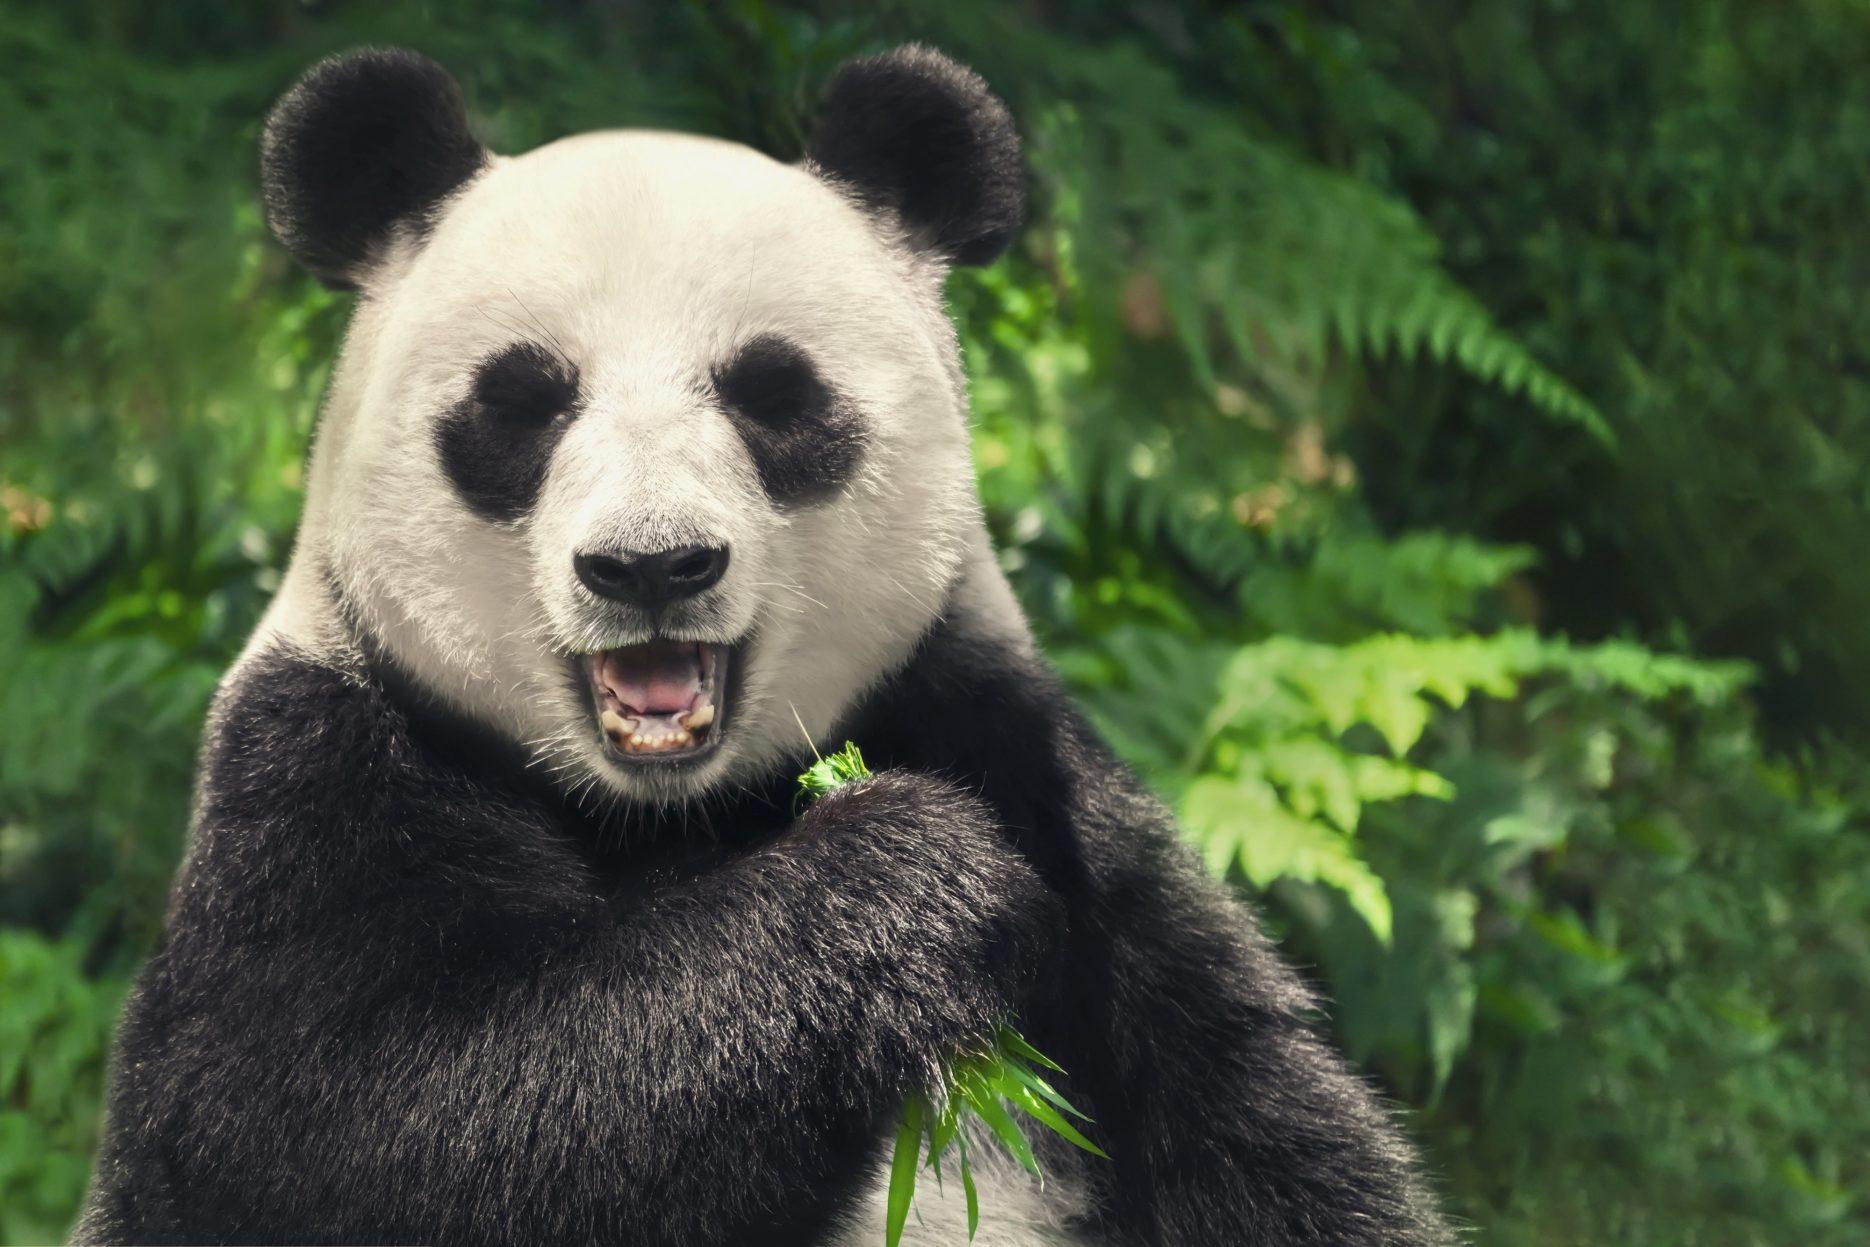 Pandas in China. Credit: Adobe Stock